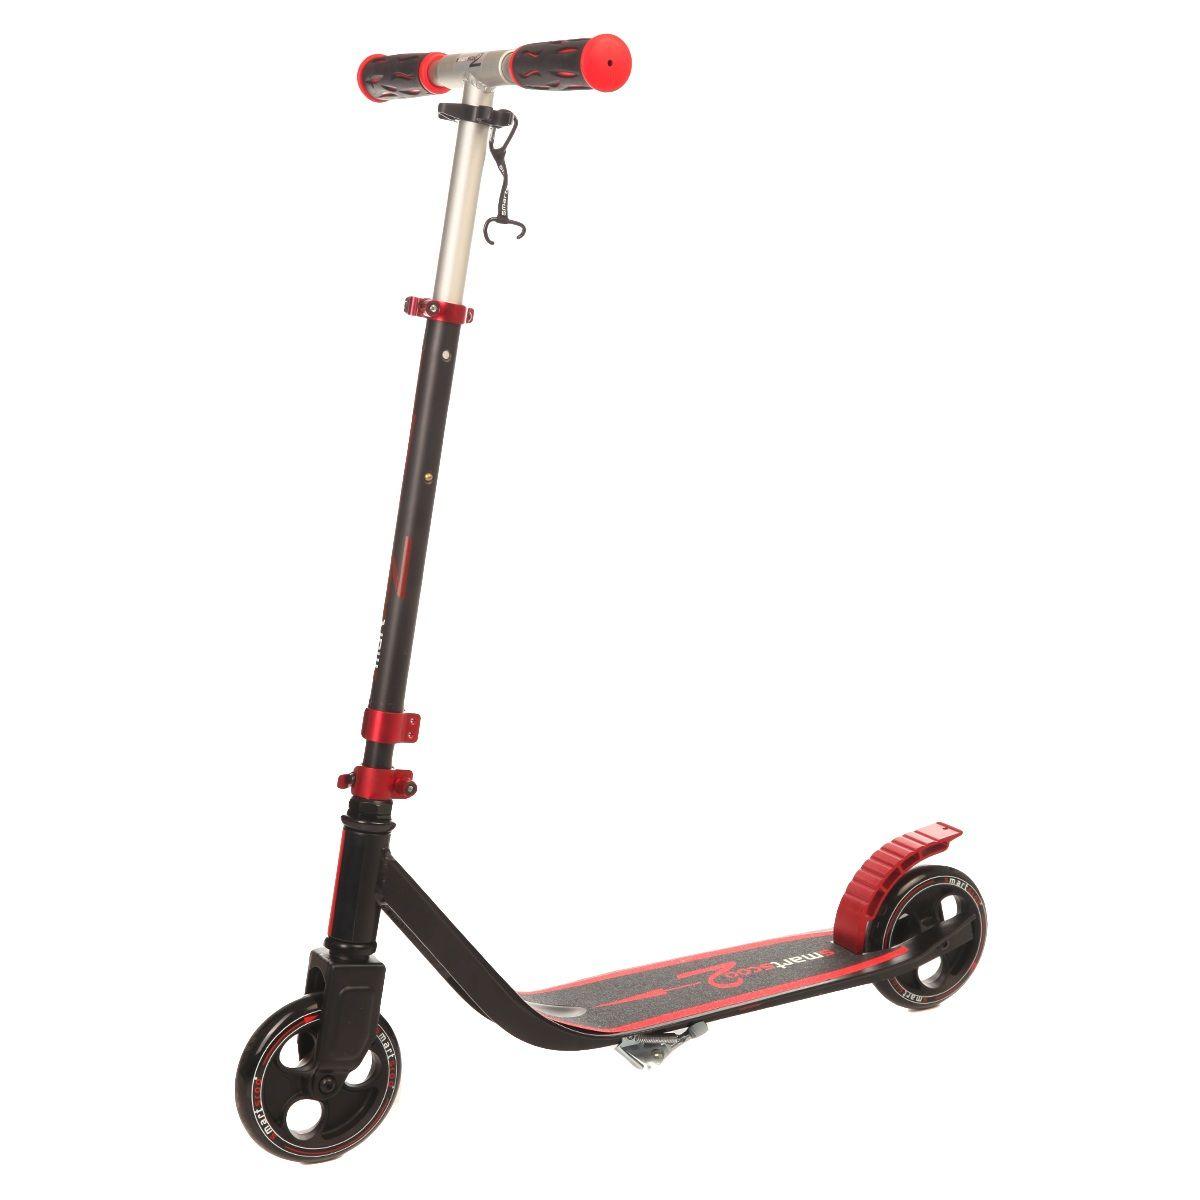 Самокат Fun4u Smartscoo, цвет: красный, черныйMS-190-13-2Складывающийся самокат для детей и взрослых. Колеса: 145 мм, цветные Подшипники: abec 5 Алюминий с защитно-декоративным оксидным покрытием Максимальная нагрузка - 100 кг Удобная раскладывающаяся система Вес- 3,4 кг